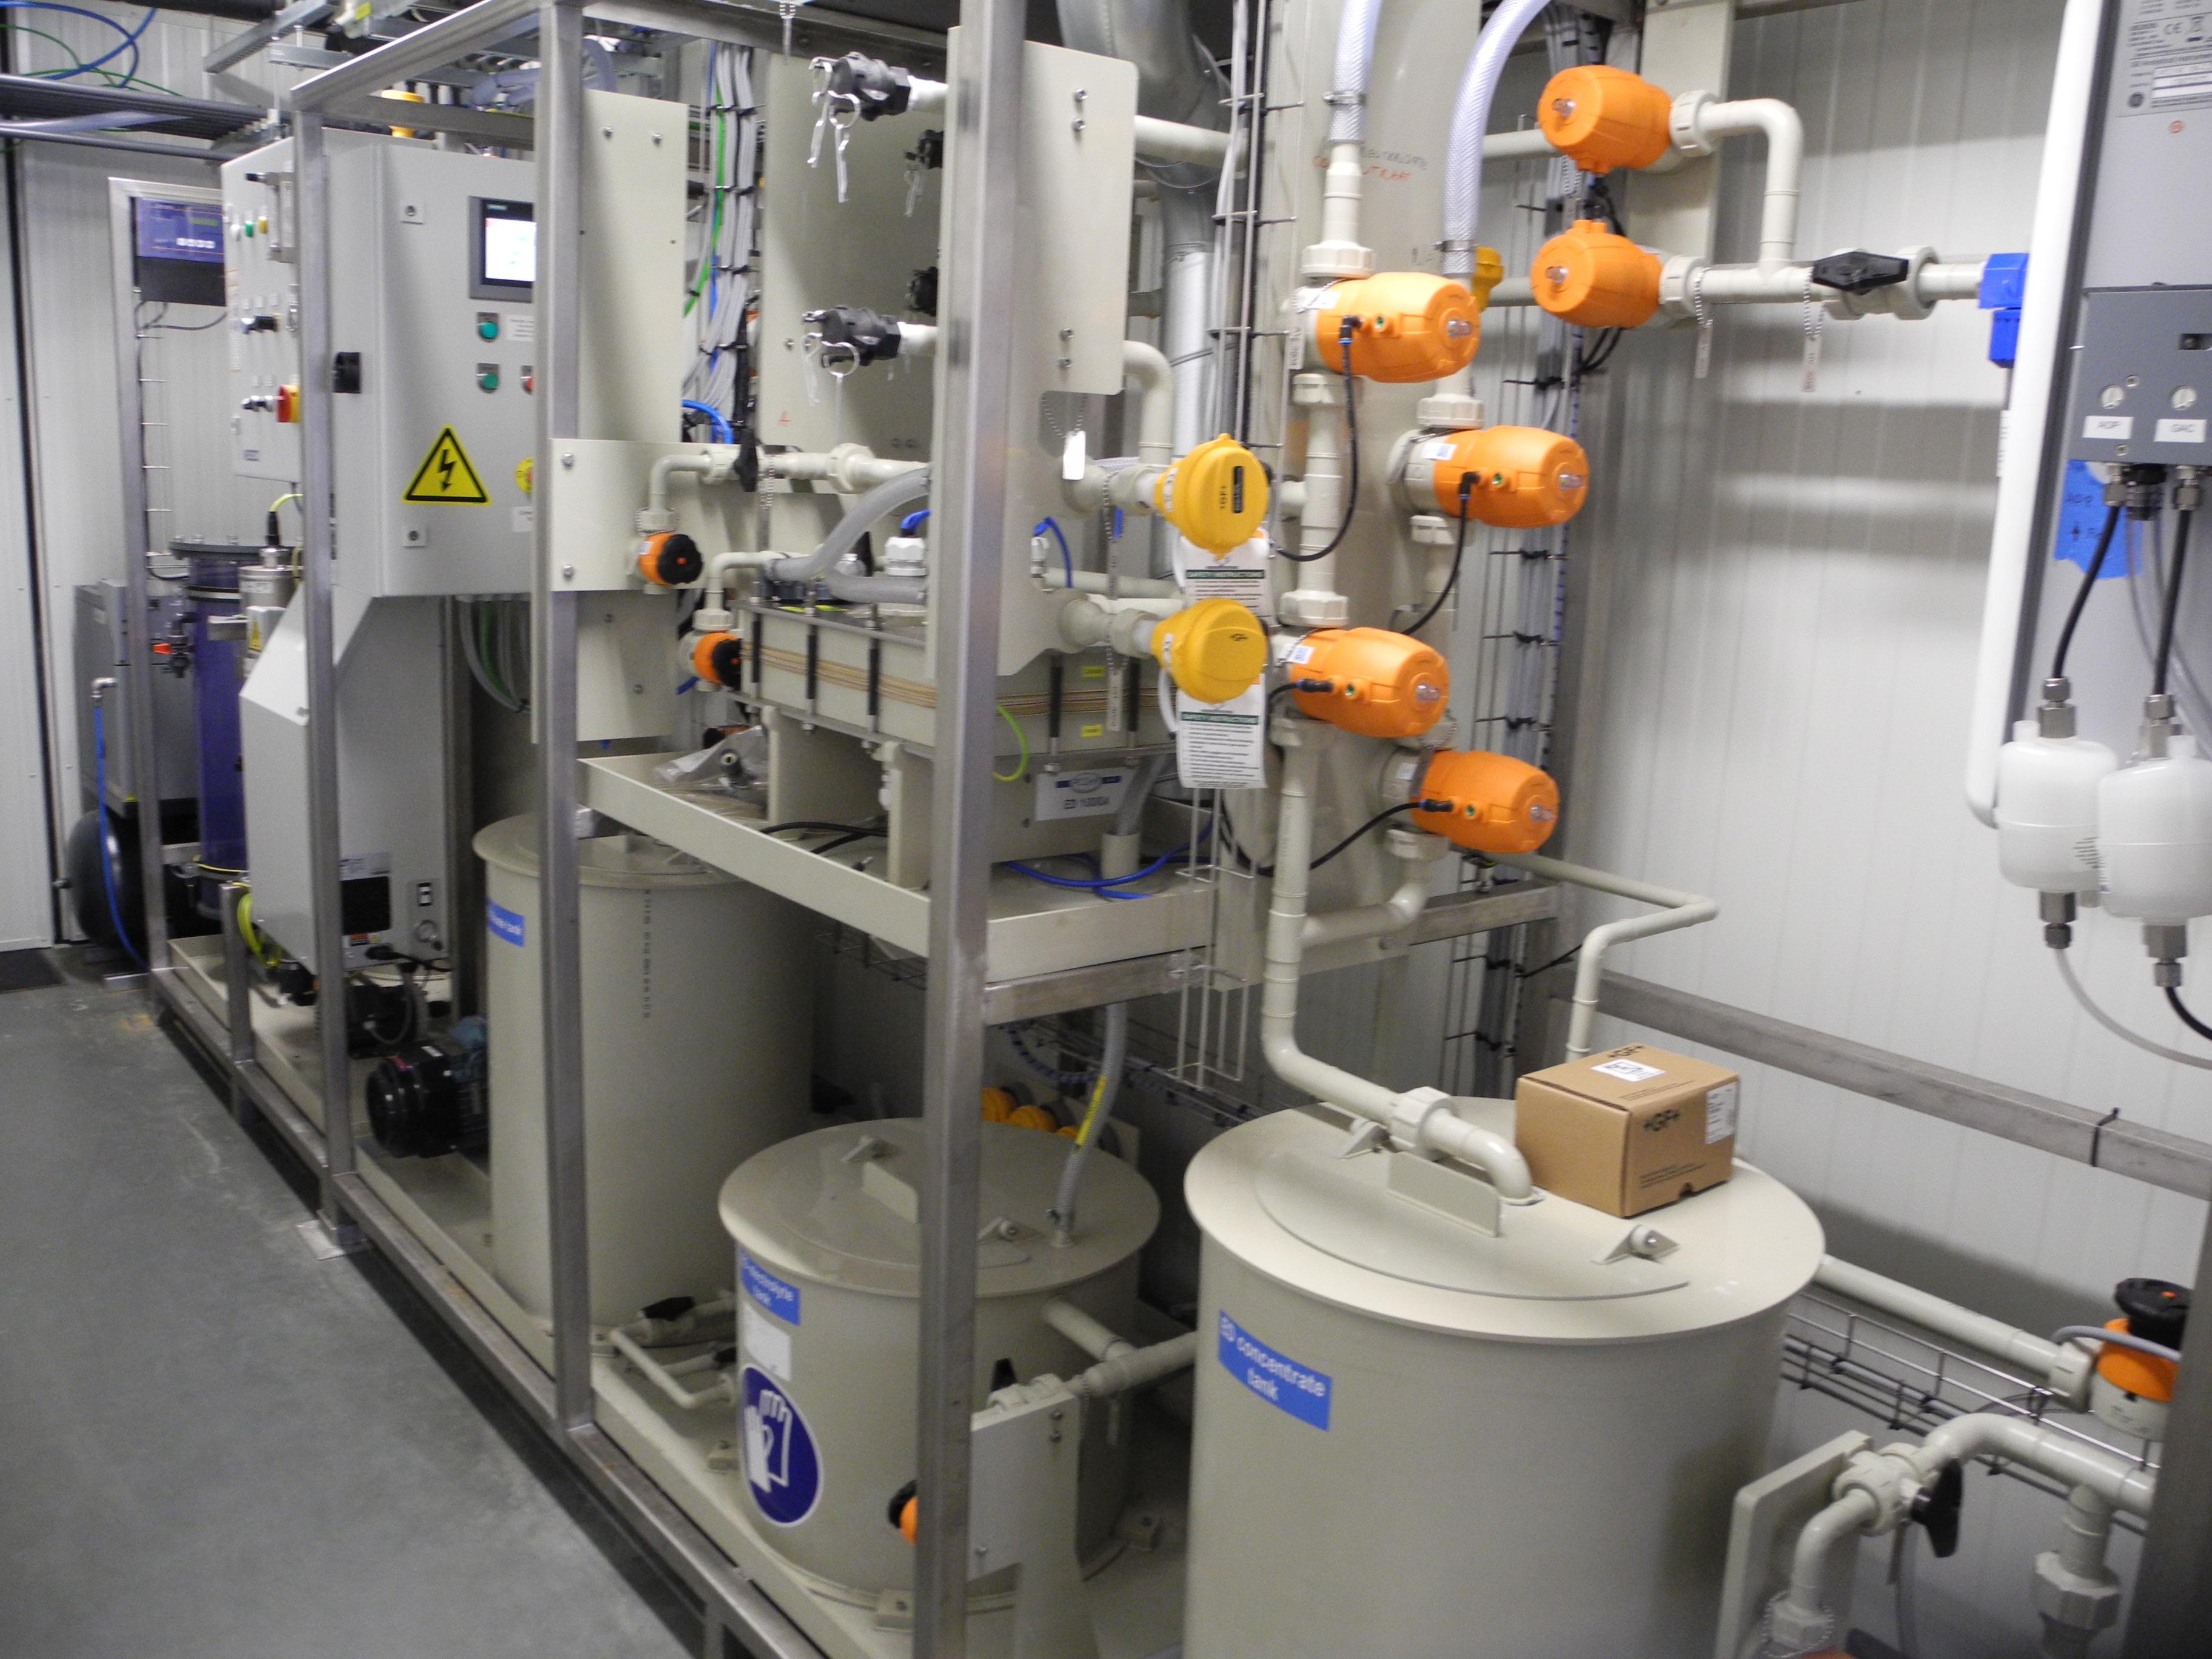 Bezoek containers bij BASF 6